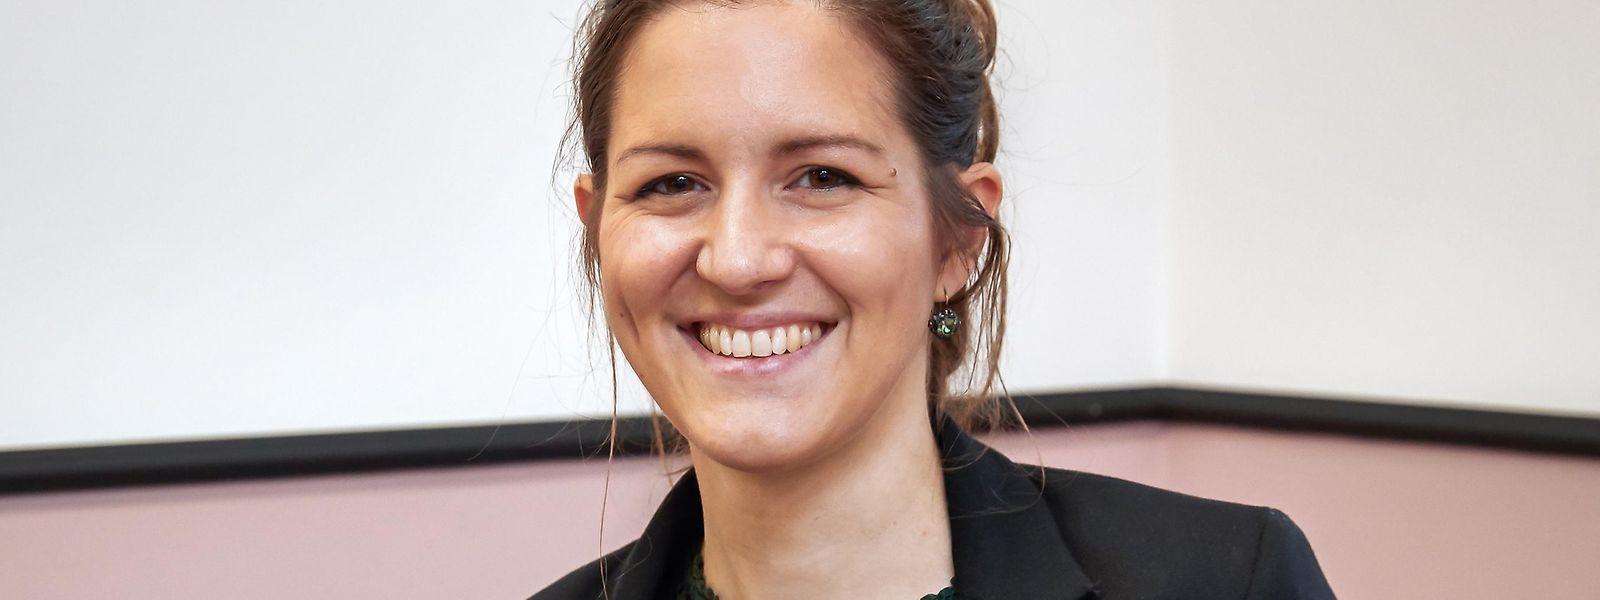 """Die Biologin Anna Monzel vom """"Luxembourg Centre for Systems Biomedicine"""" (LCSB) wurde als Nachwuchsforscherin ausgezeichnet für ihre Parkinsonforschung mithilfe von Hirnorganoiden, die Tierversuche überflüssig zu machen versprechen."""